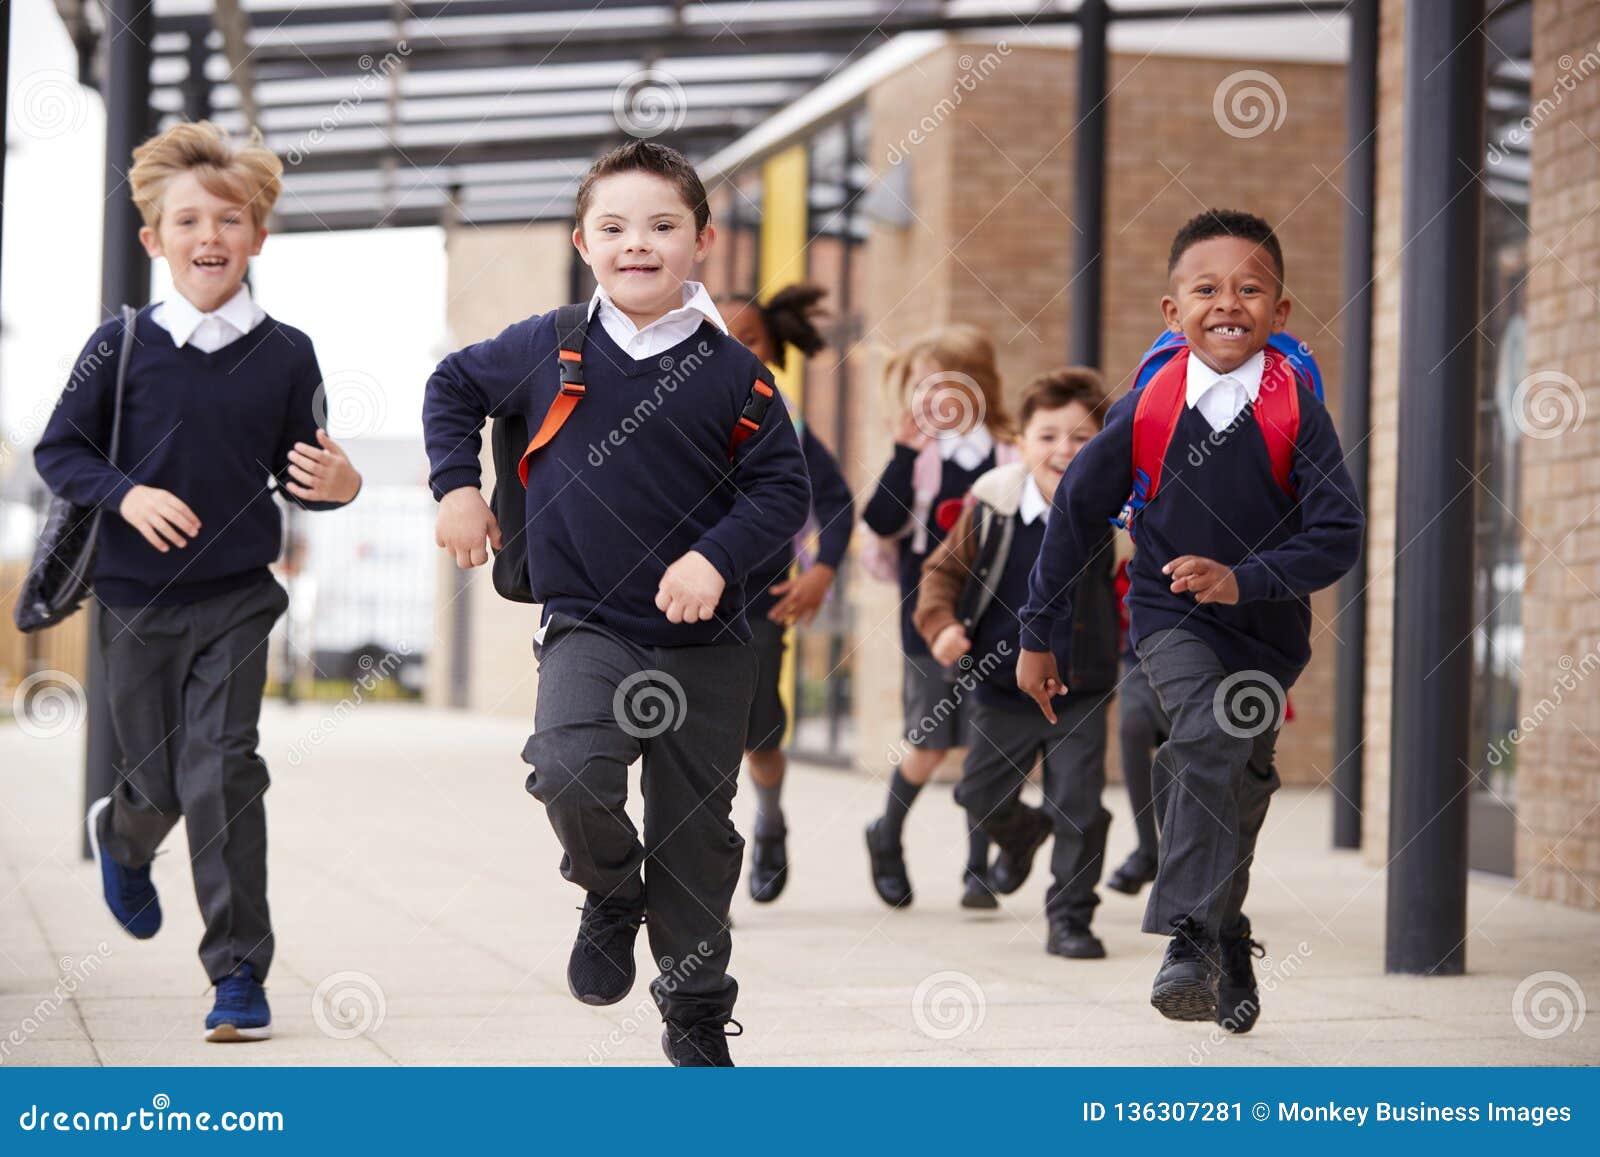 激动的小学孩子,佩带的校服和背包,运行在他们的教学楼之外的一个走道,正面图